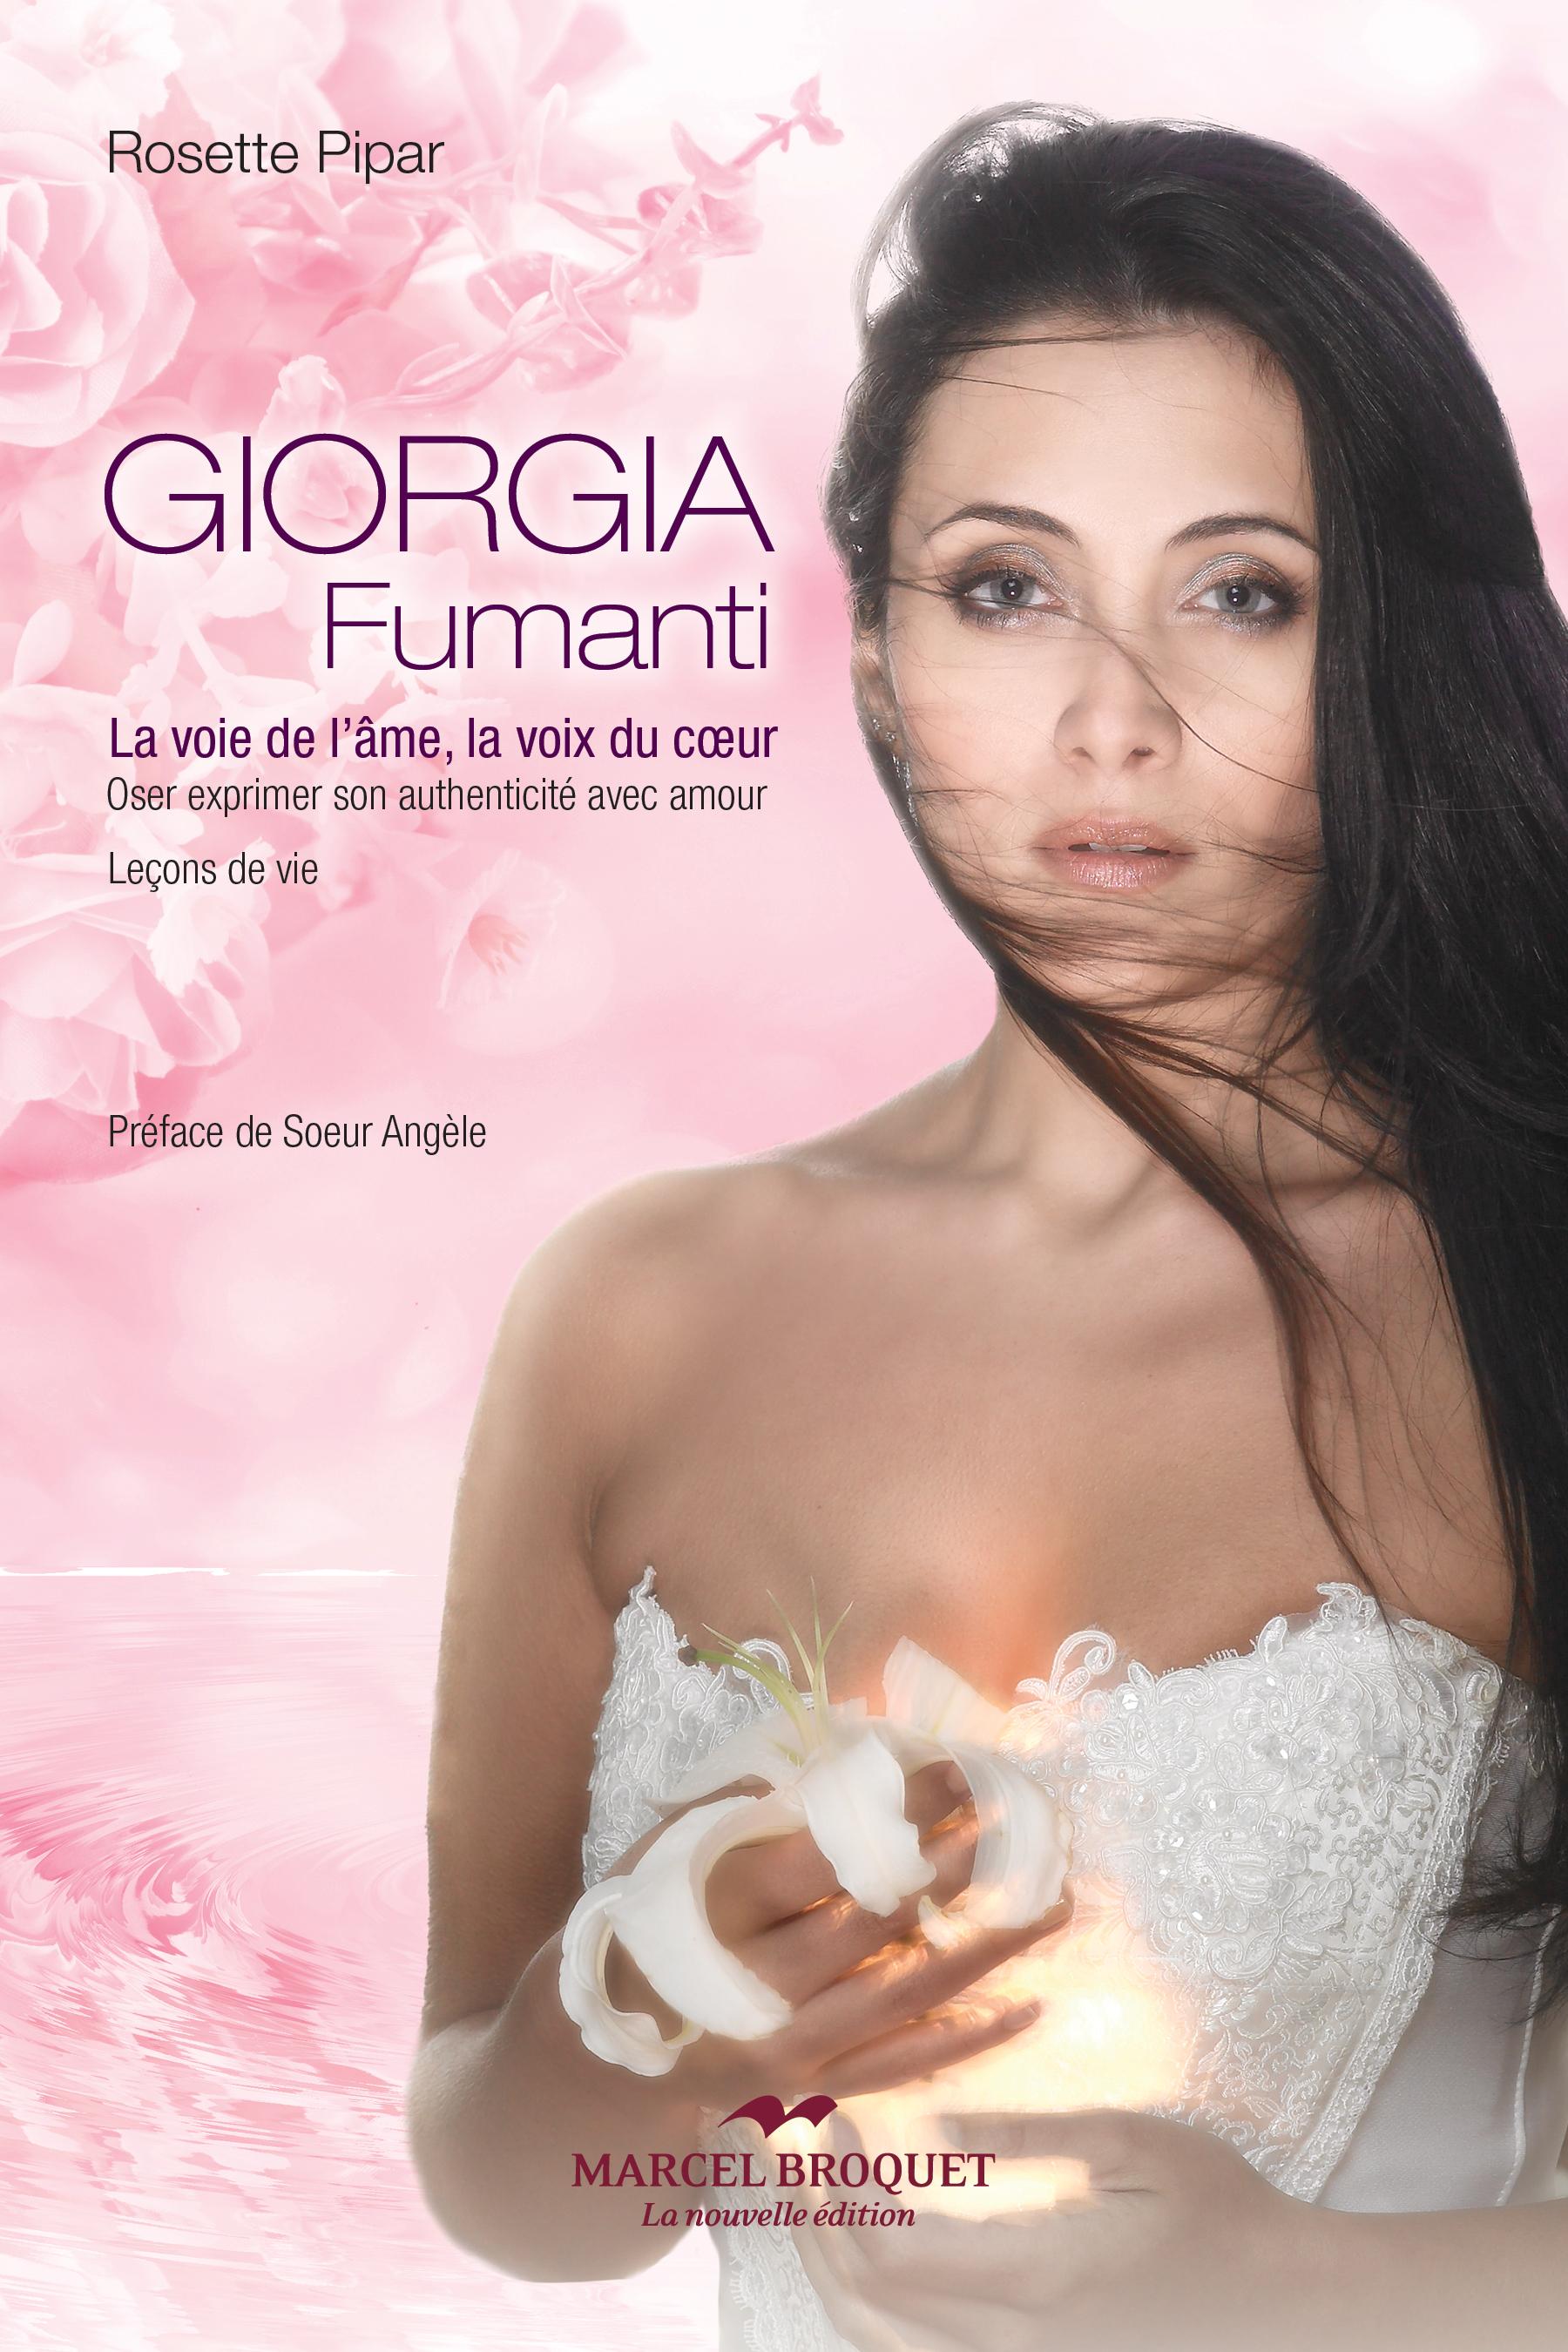 Giorgia Fumanti